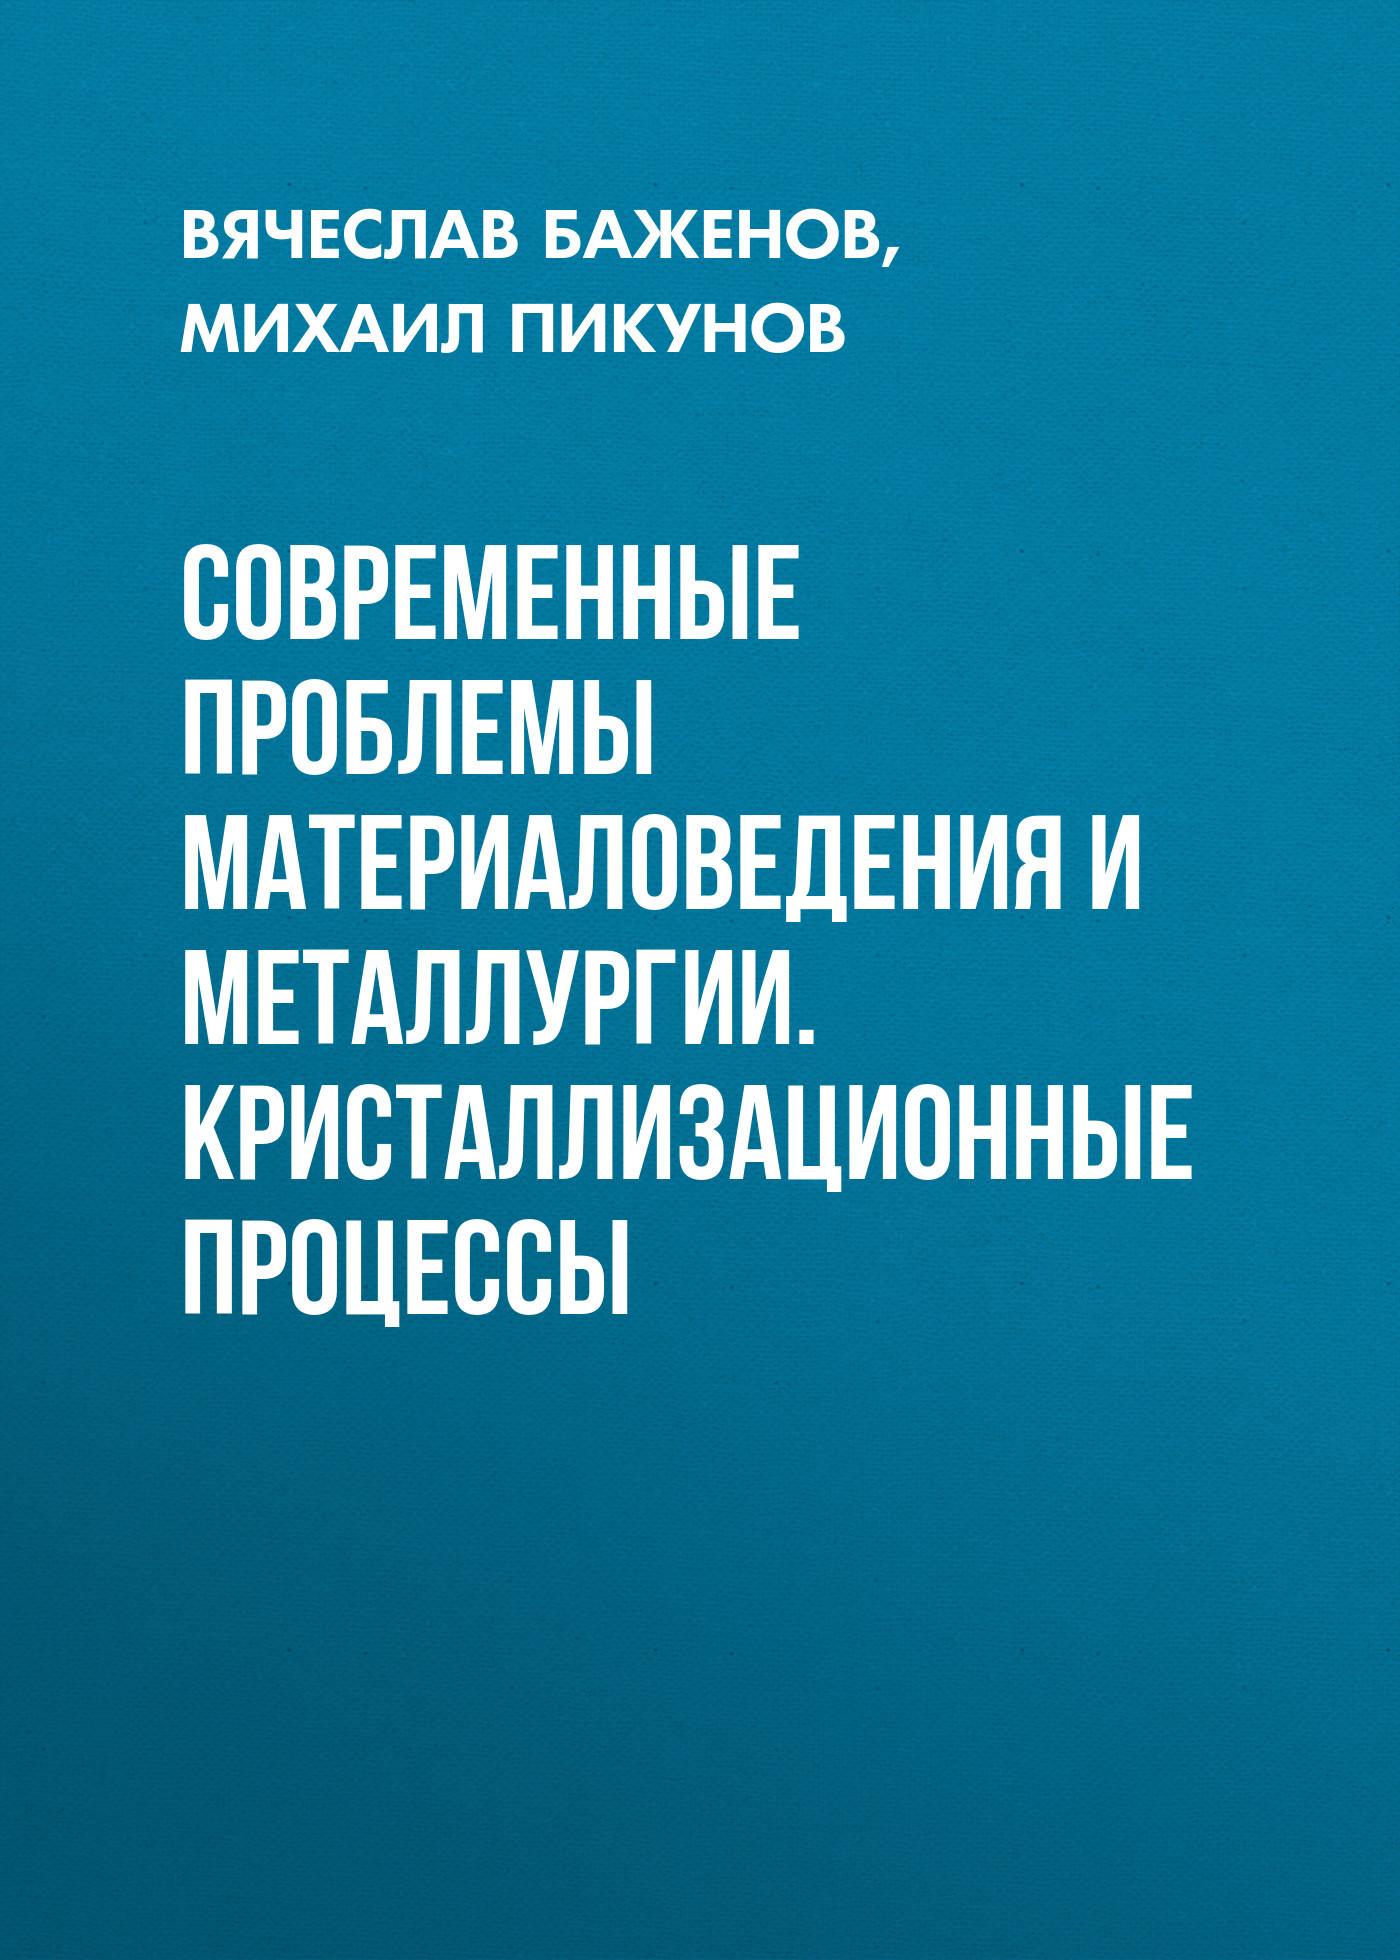 Михаил Пикунов Современные проблемы материаловедения и металлургии. Кристаллизационные процессы